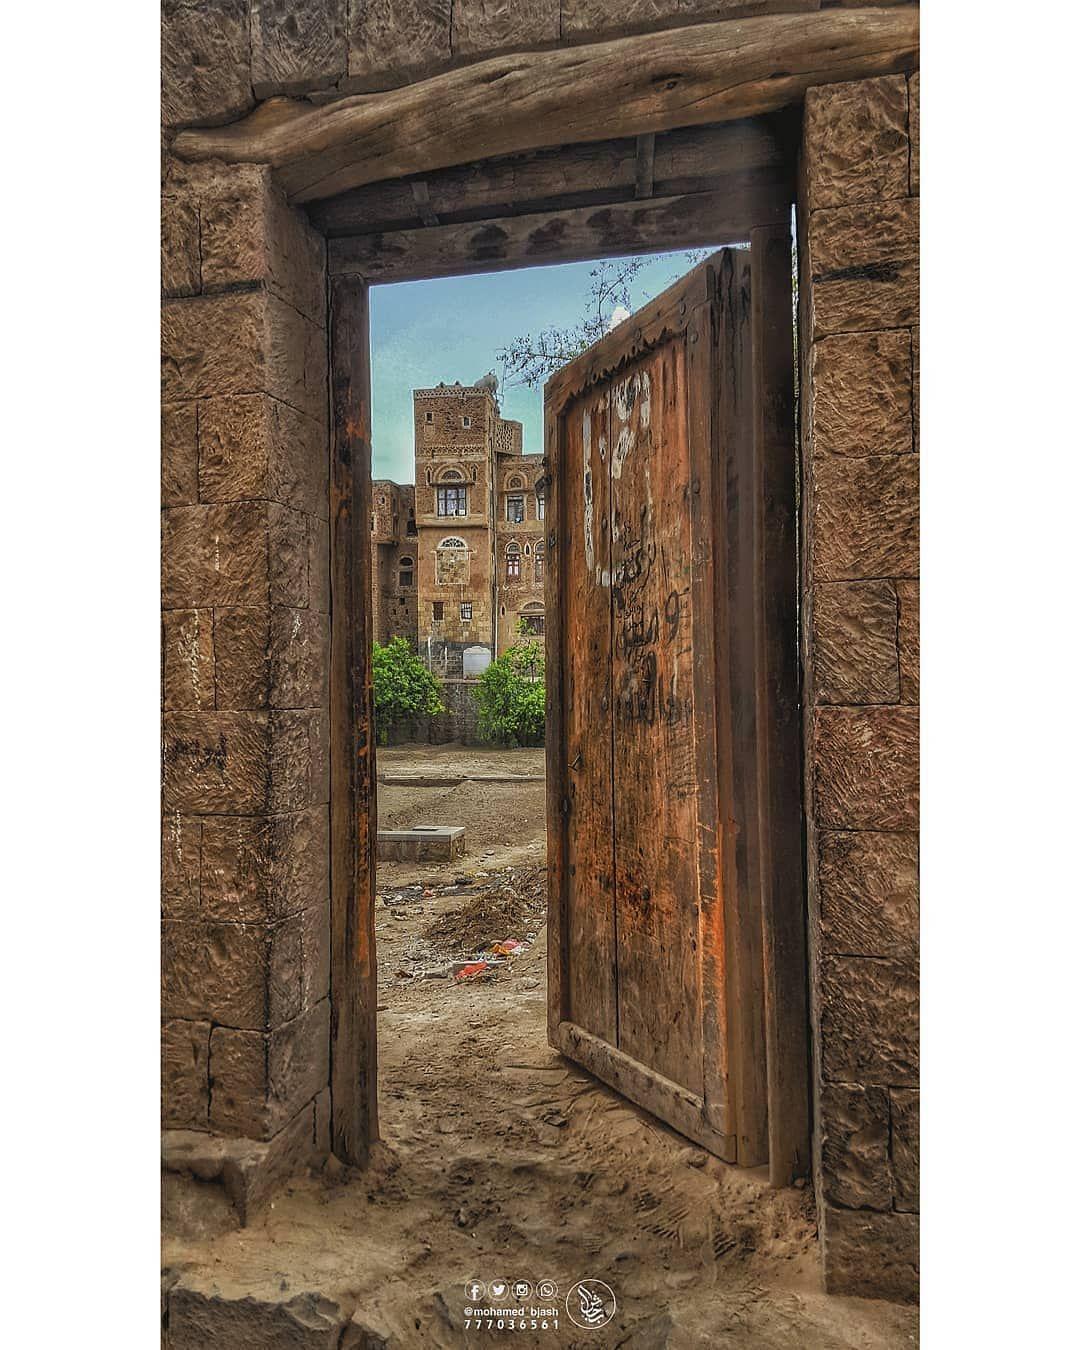 اليمن السعيد On Instagram صنعاء هل هطلت من كتاب الأساطير أم طلعت من غناء البنفسج أم حملتها المواويل من نبع Home Decor Decor Fireplace